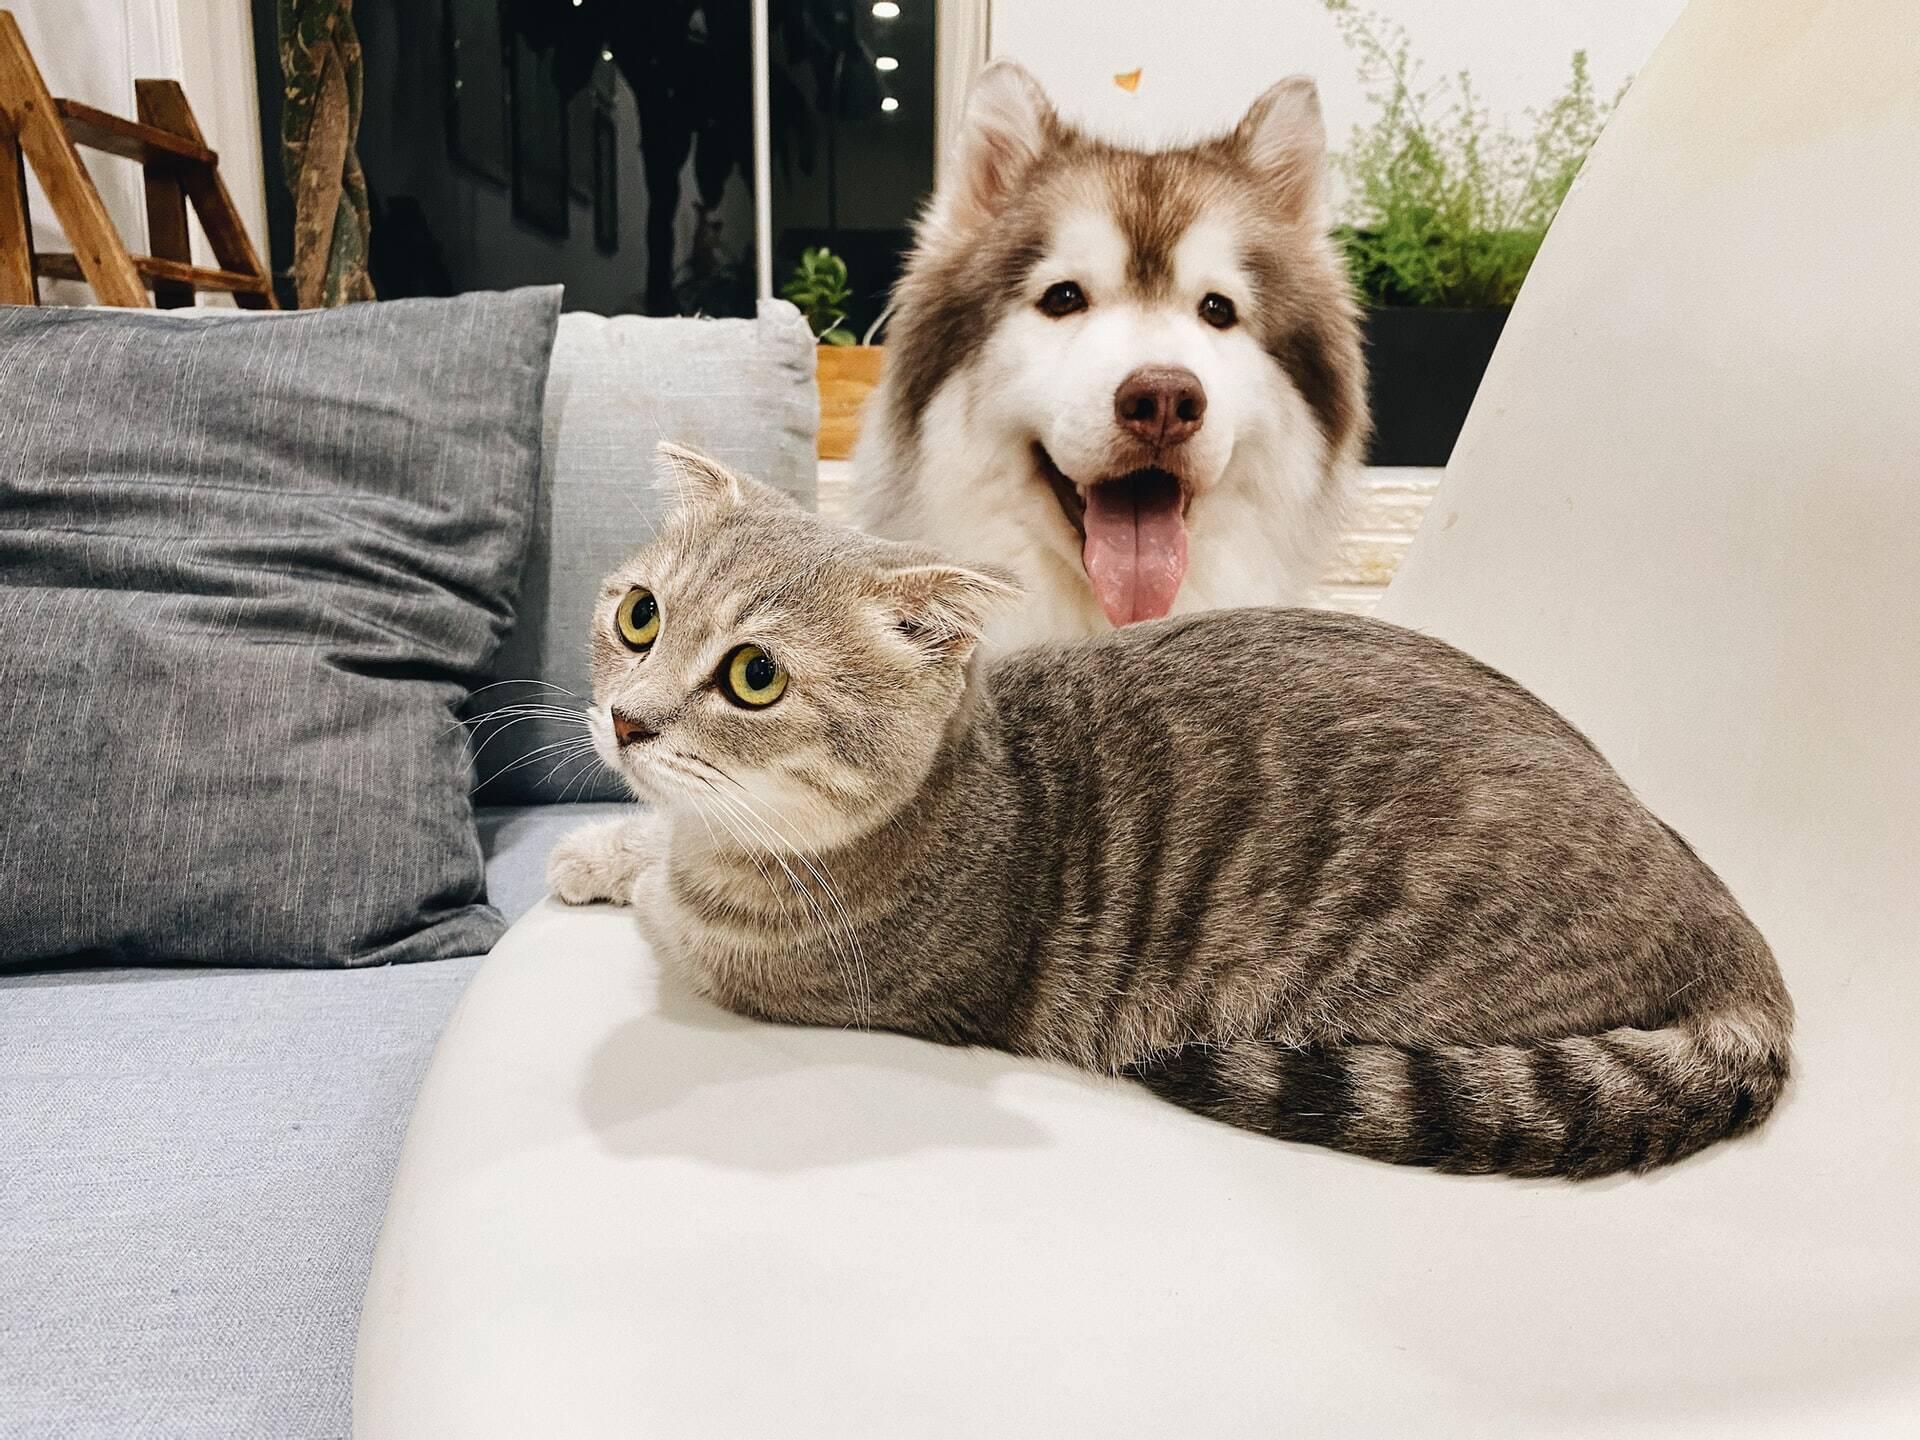 Para diminuir infecção, gatos e cães devem ser vacinados contra Covid, dizem cientistas